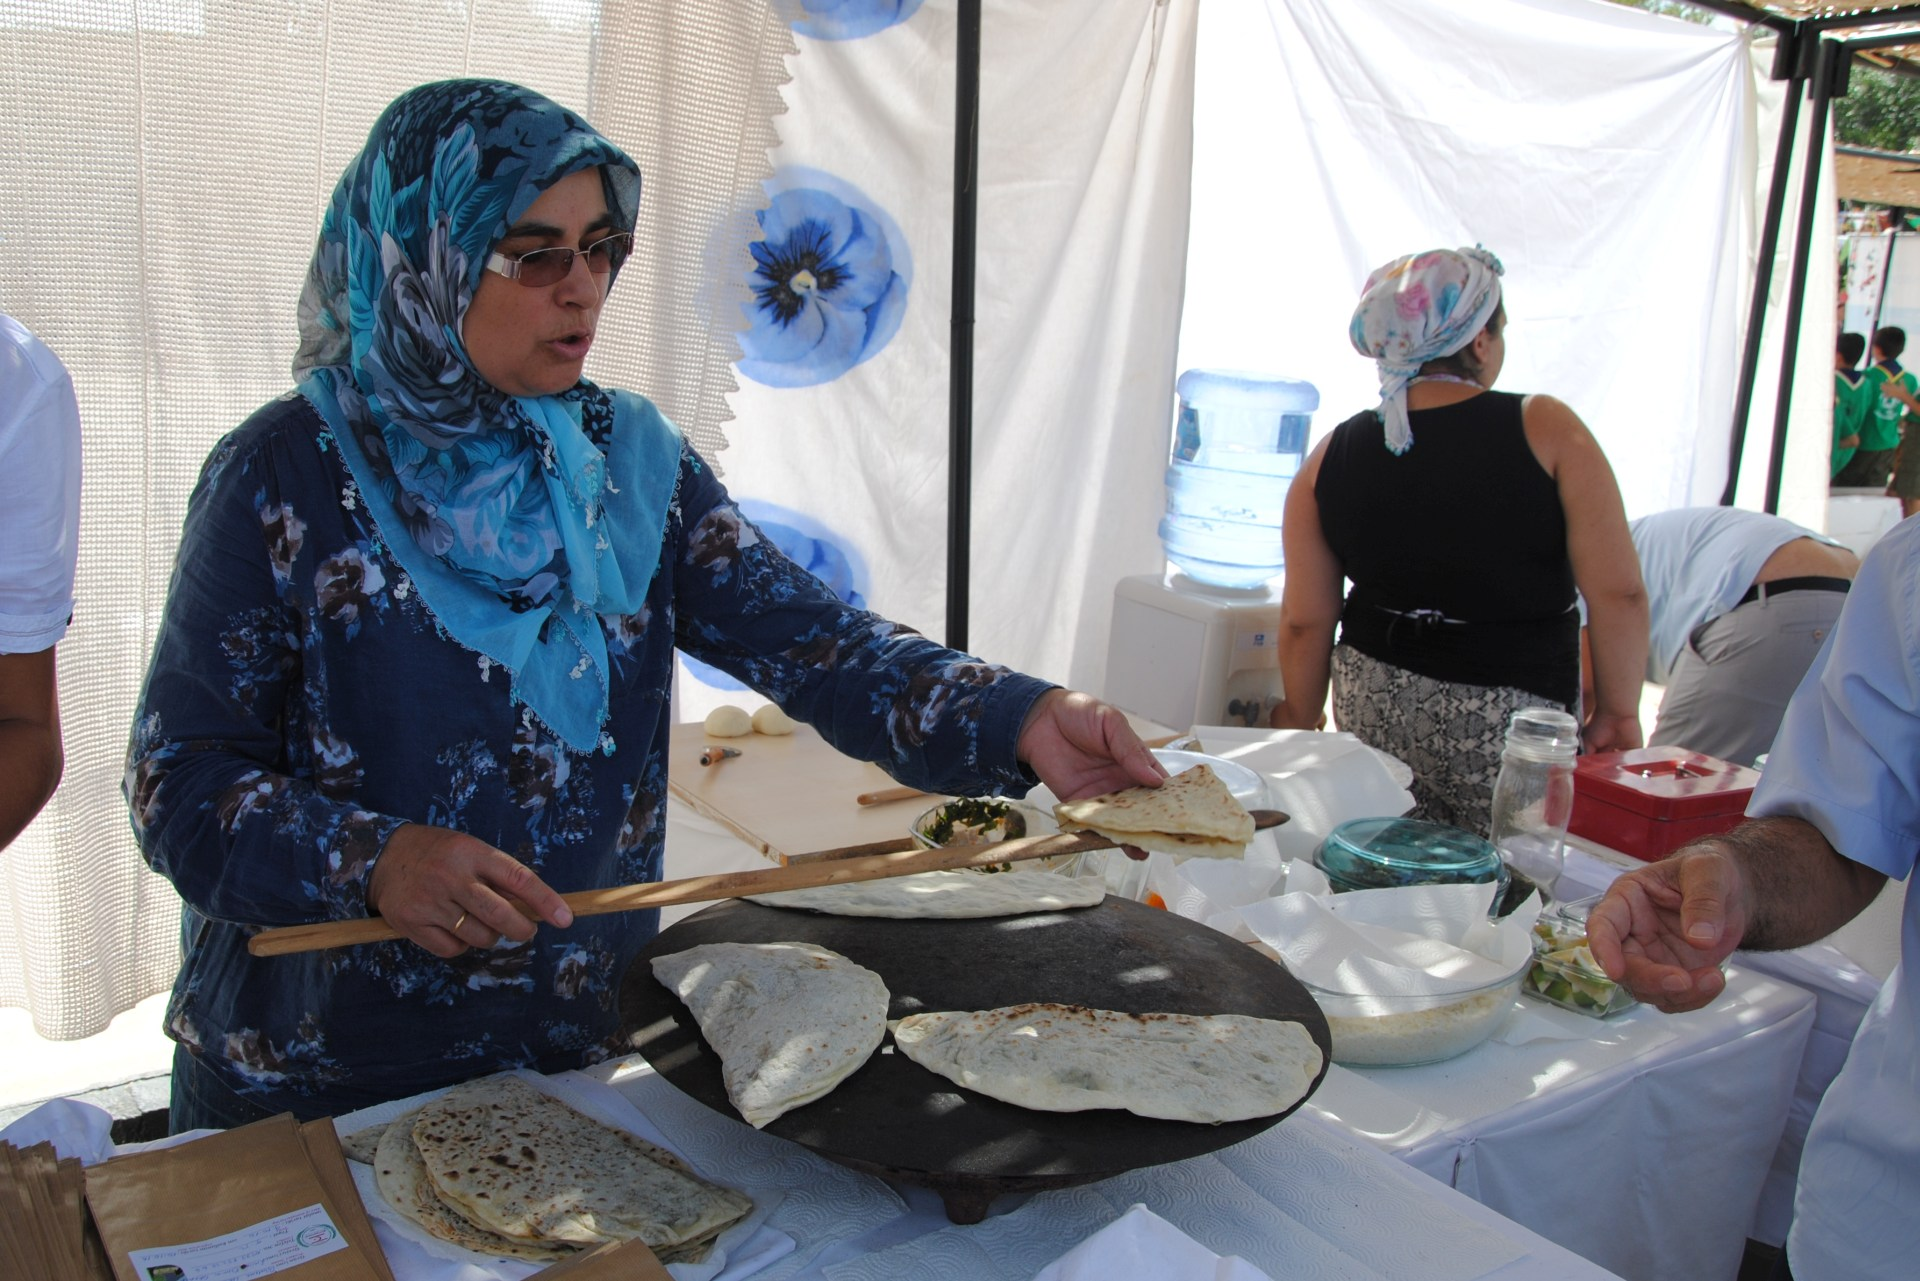 Eine türkische Frau backt Teigtaschen